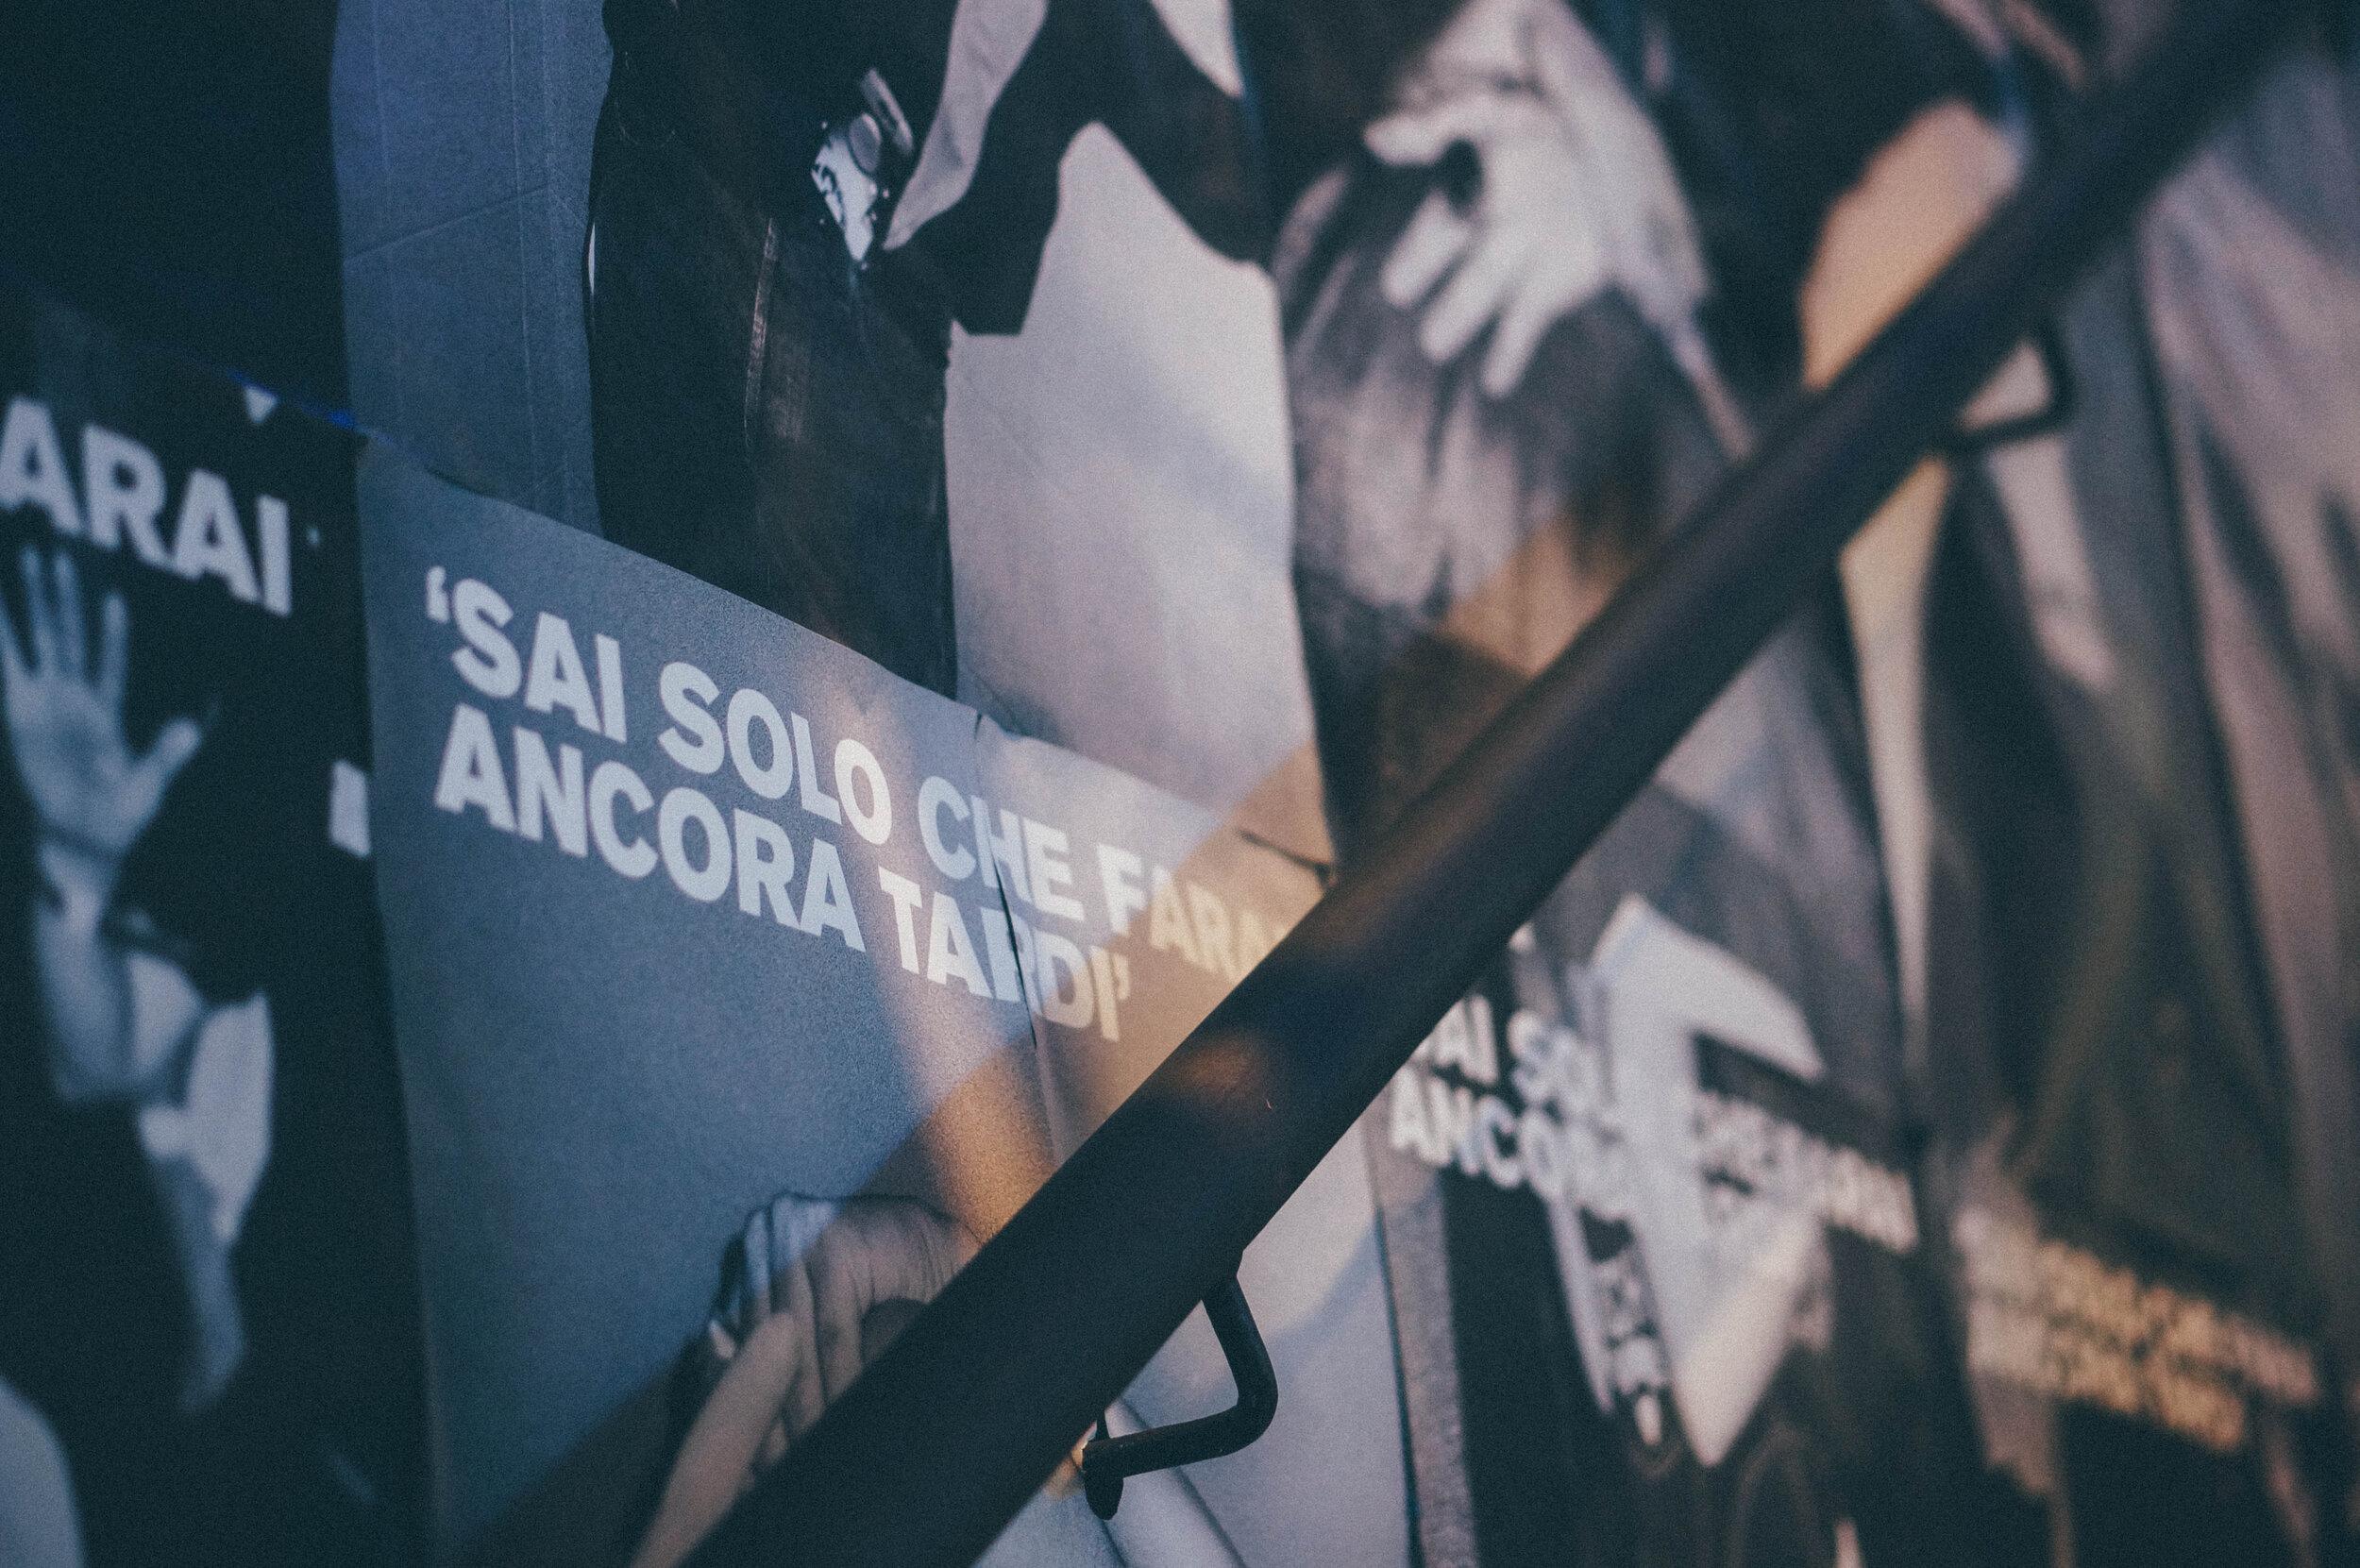 Toropey Studio Photoreportage x Opening Party Adidas Originals Flagship Store in Milan   Lo scorso 29 Aprile per celebrare il flagship store, vero e proprio epicentro creativo della città situato in via A. Tocqueville 11,  Adidas Originals  ha dato vita ad un big party insieme a nove artisti emergenti della scena milanese. I creativi con diversi background e div…